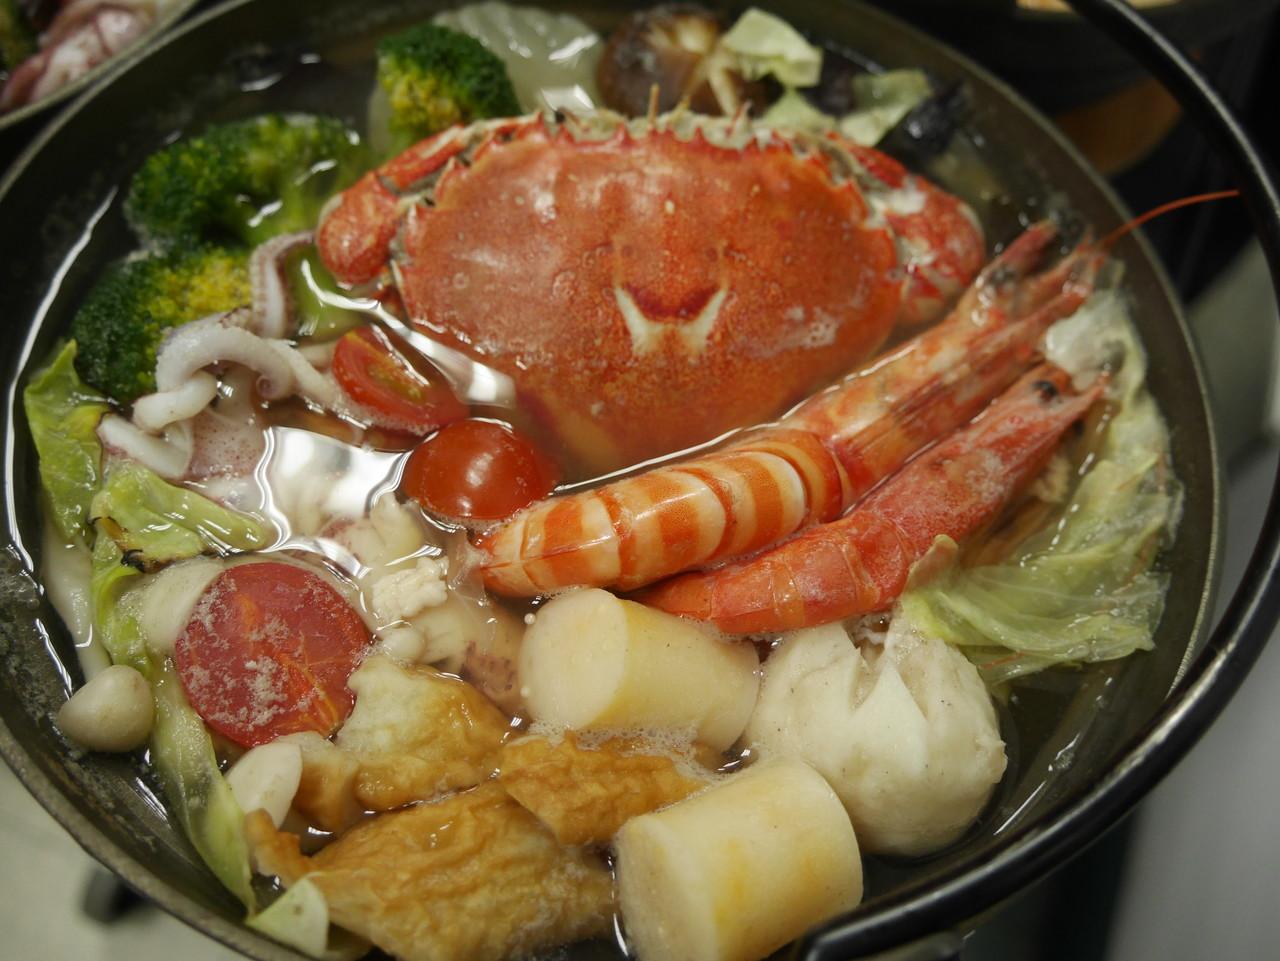 去年搶翻天的基隆黃金漁夫鍋又來了 周末有千鍋宴